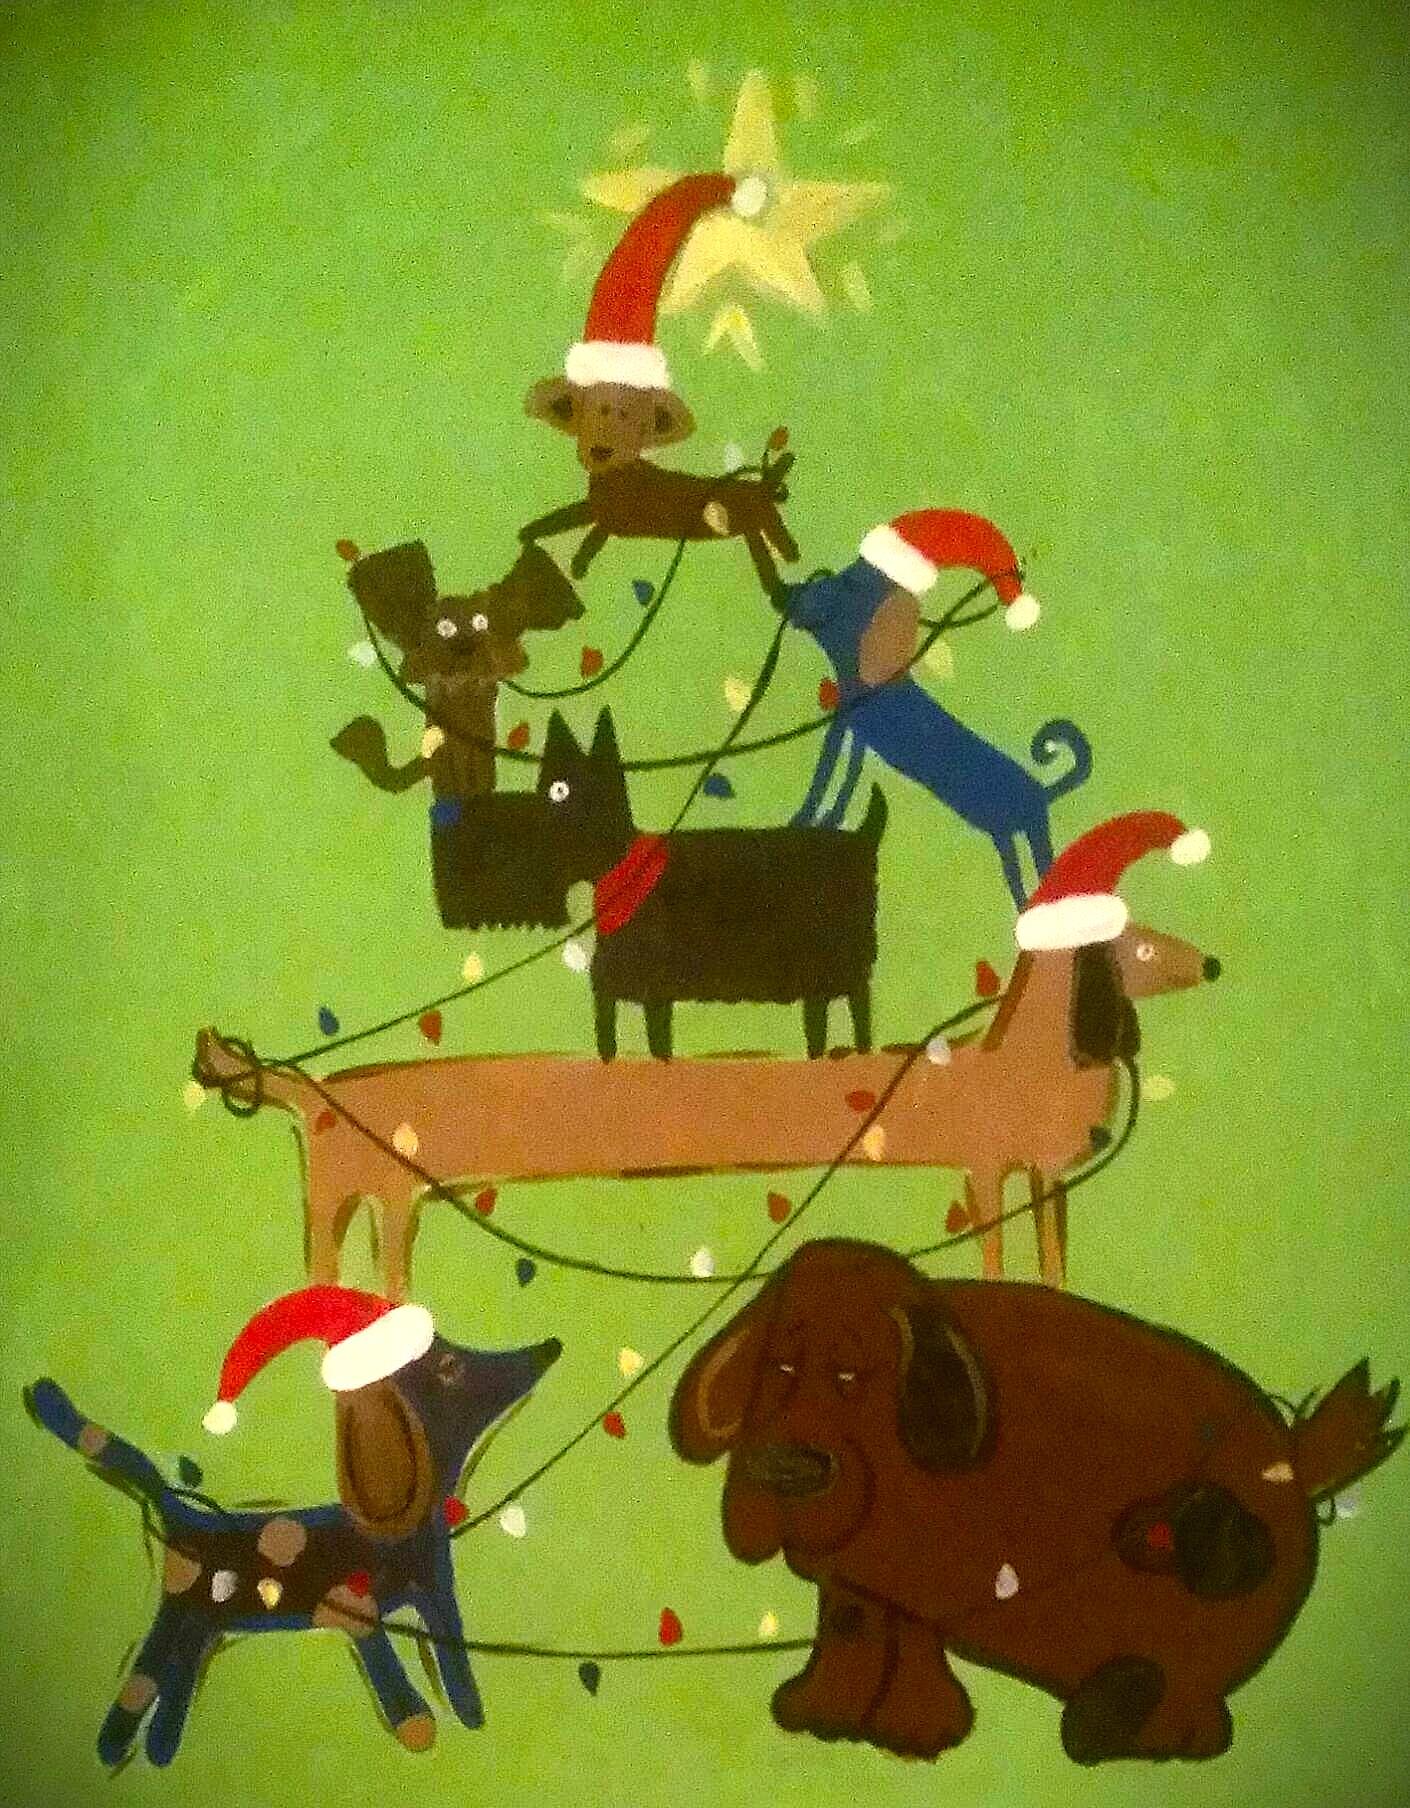 Christmas Tree Dogs.jpg